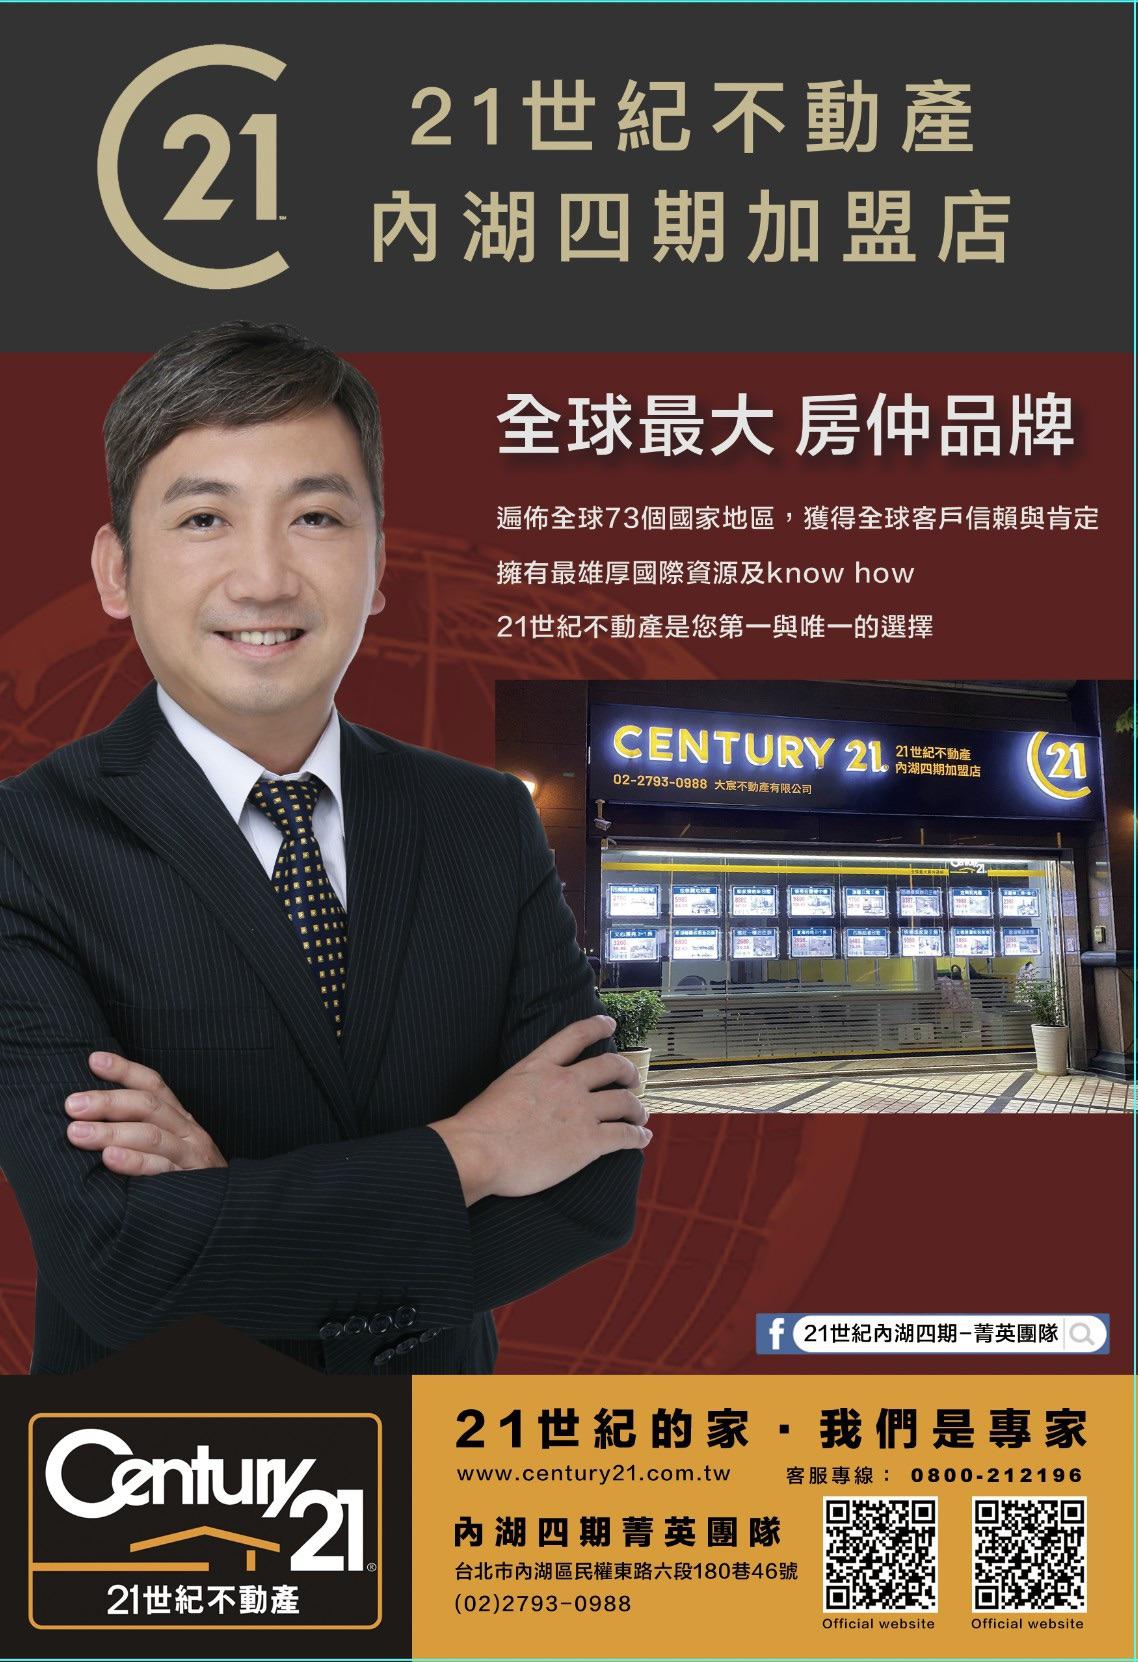 21世紀內湖四期加盟店--大宸不動產有限公司相關照片7